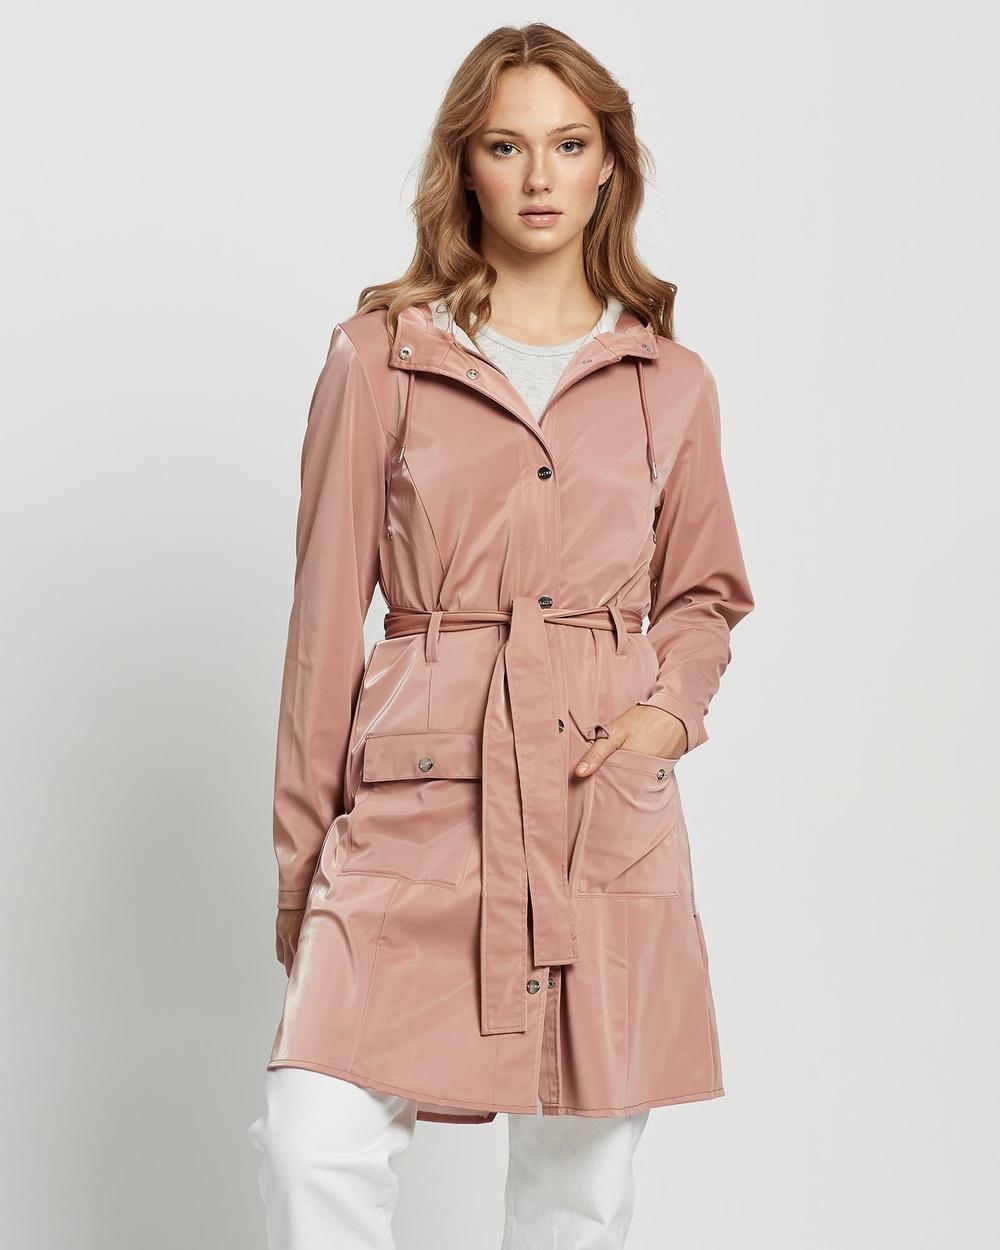 RAINS Curve Jacket Accessories Blush